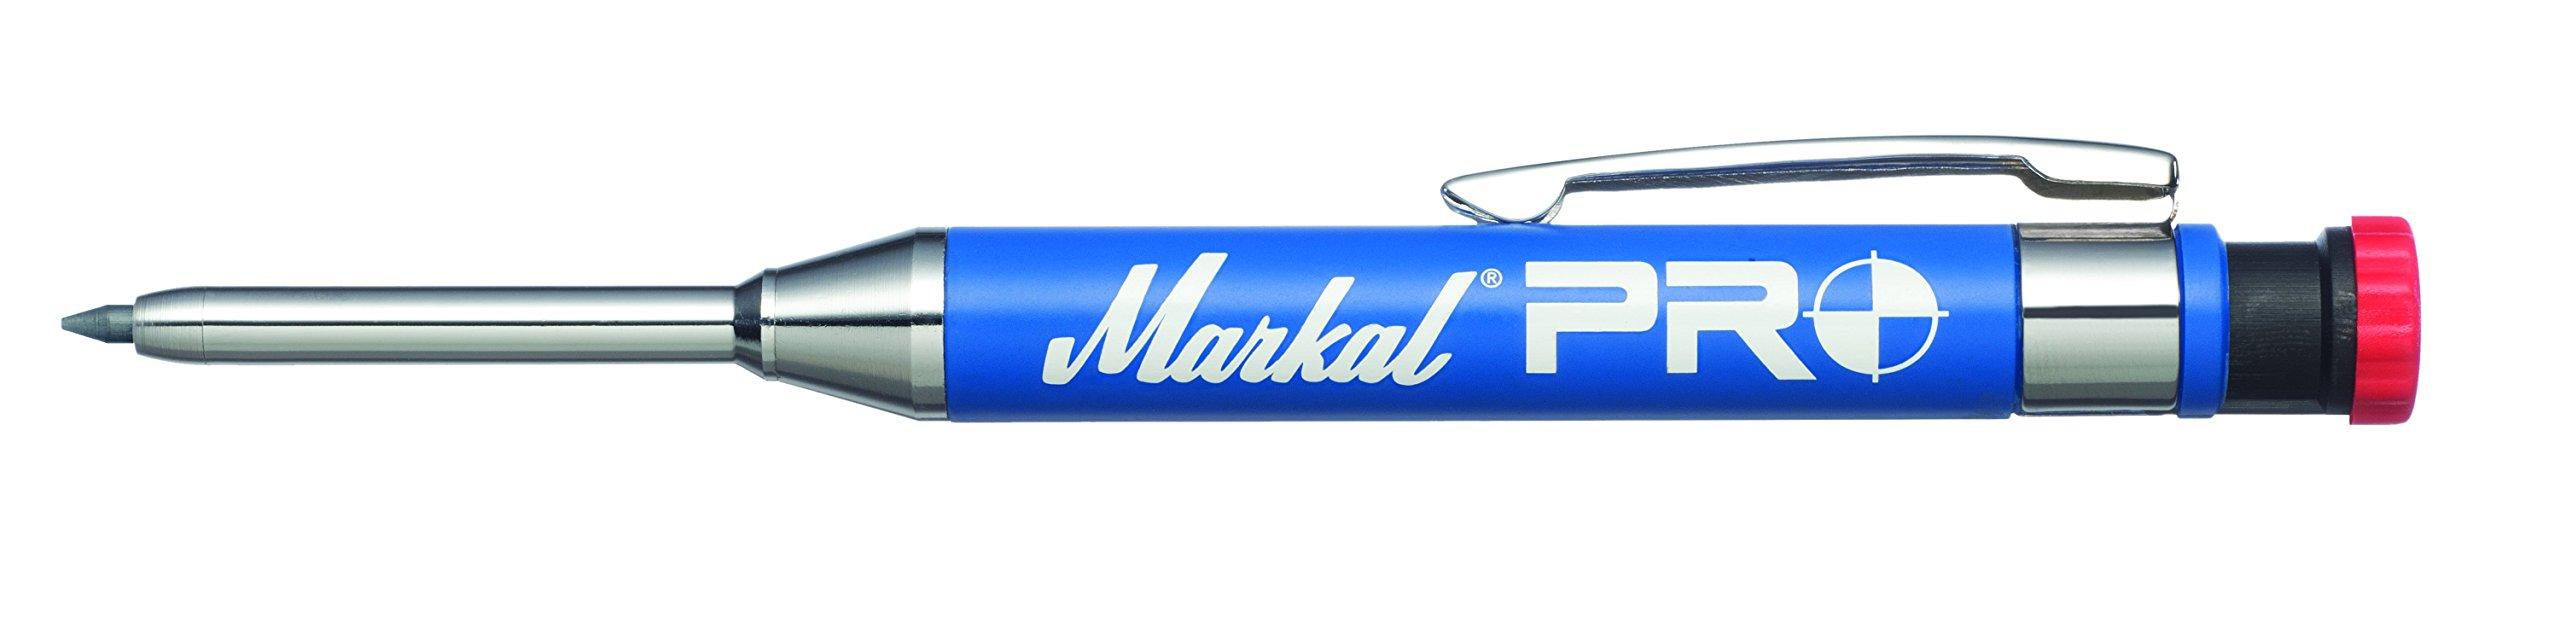 Markal 96270 Pro Holder & Starter Lead, Blue